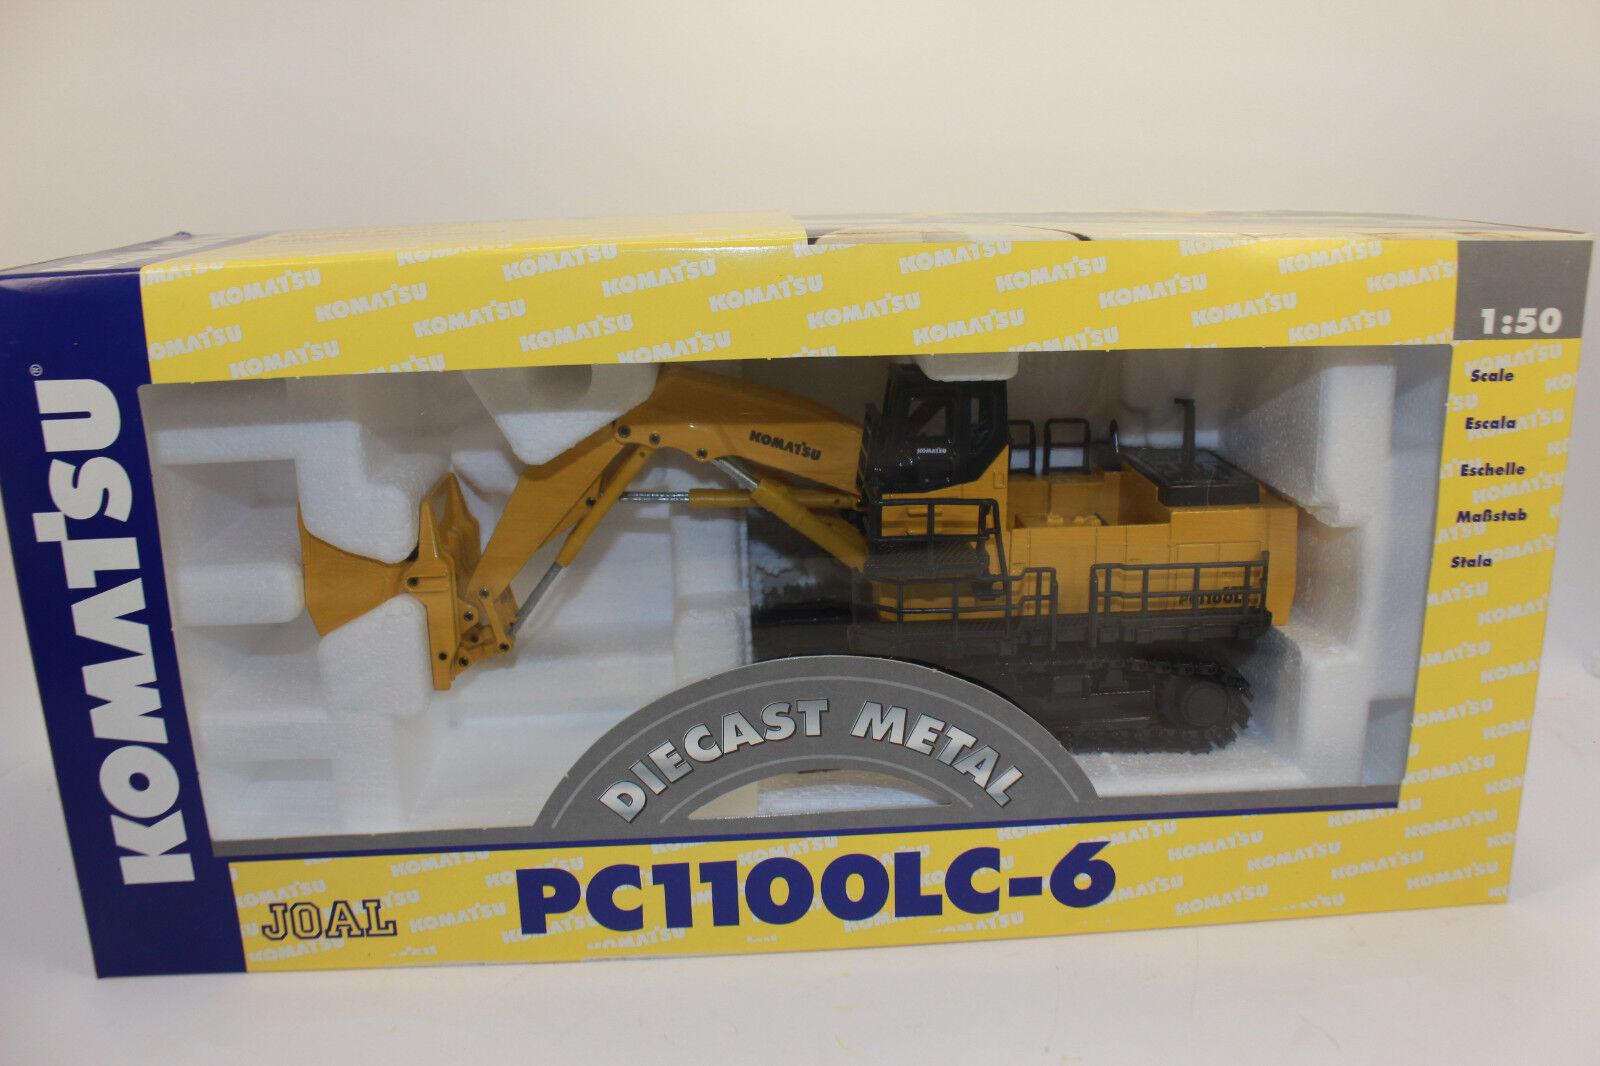 JOAL 290 PC 1100 KOMATSU hochlöffel Excavateurs 1 50 NOUVEAU dans neuf dans sa boîte